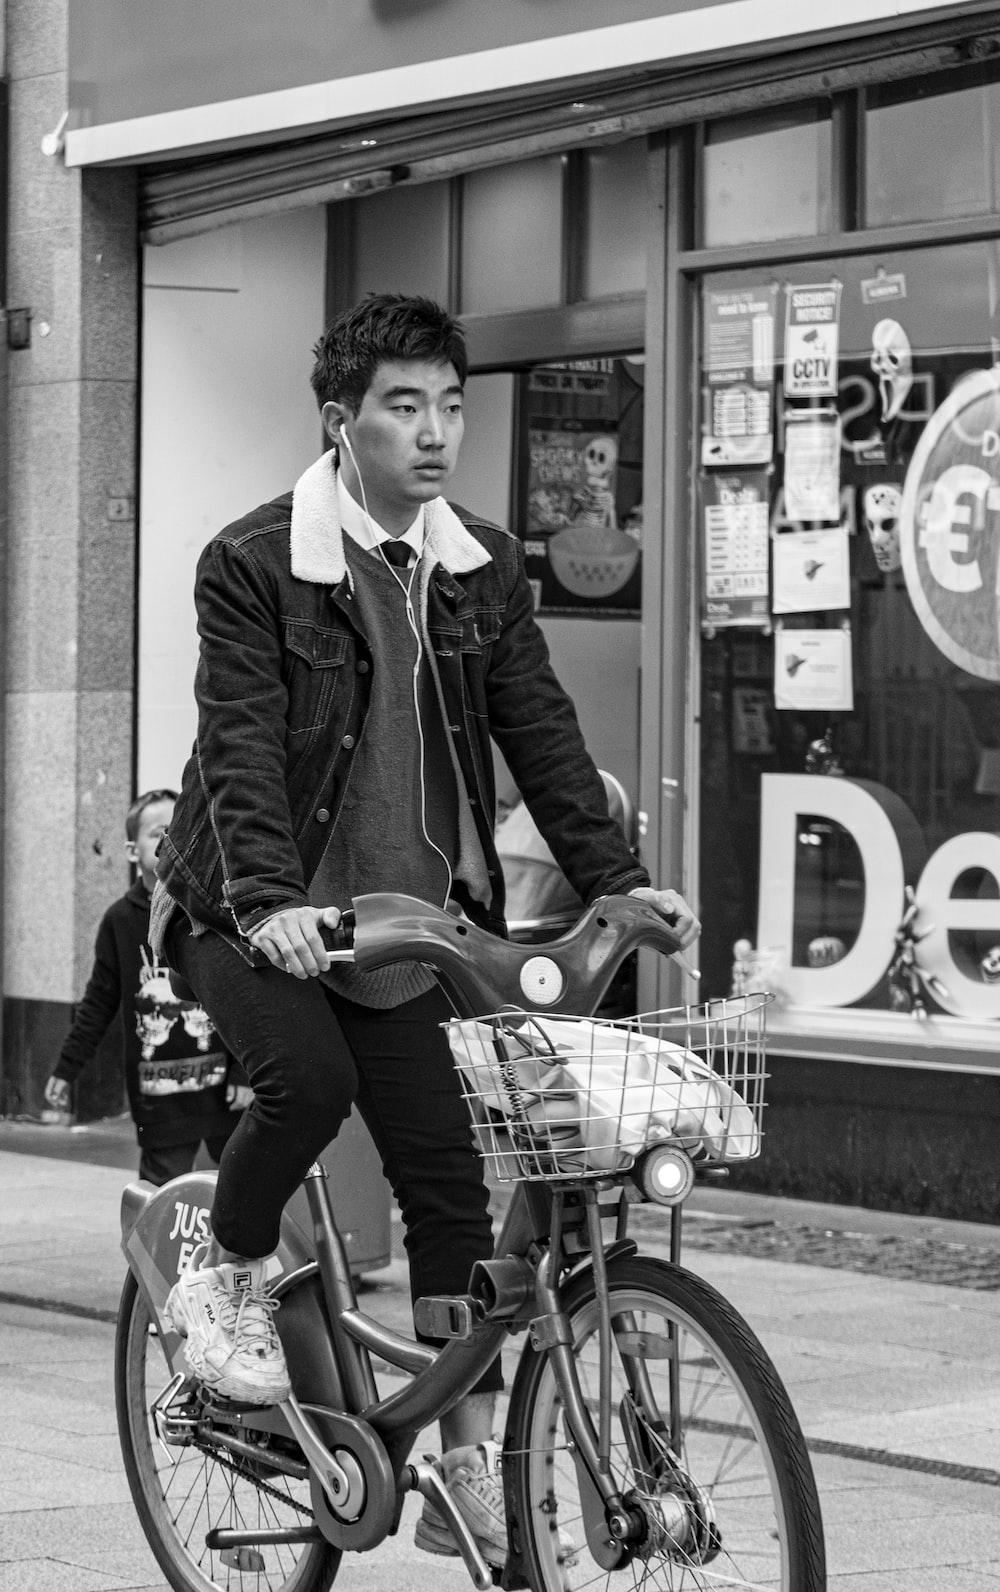 man on bike in street